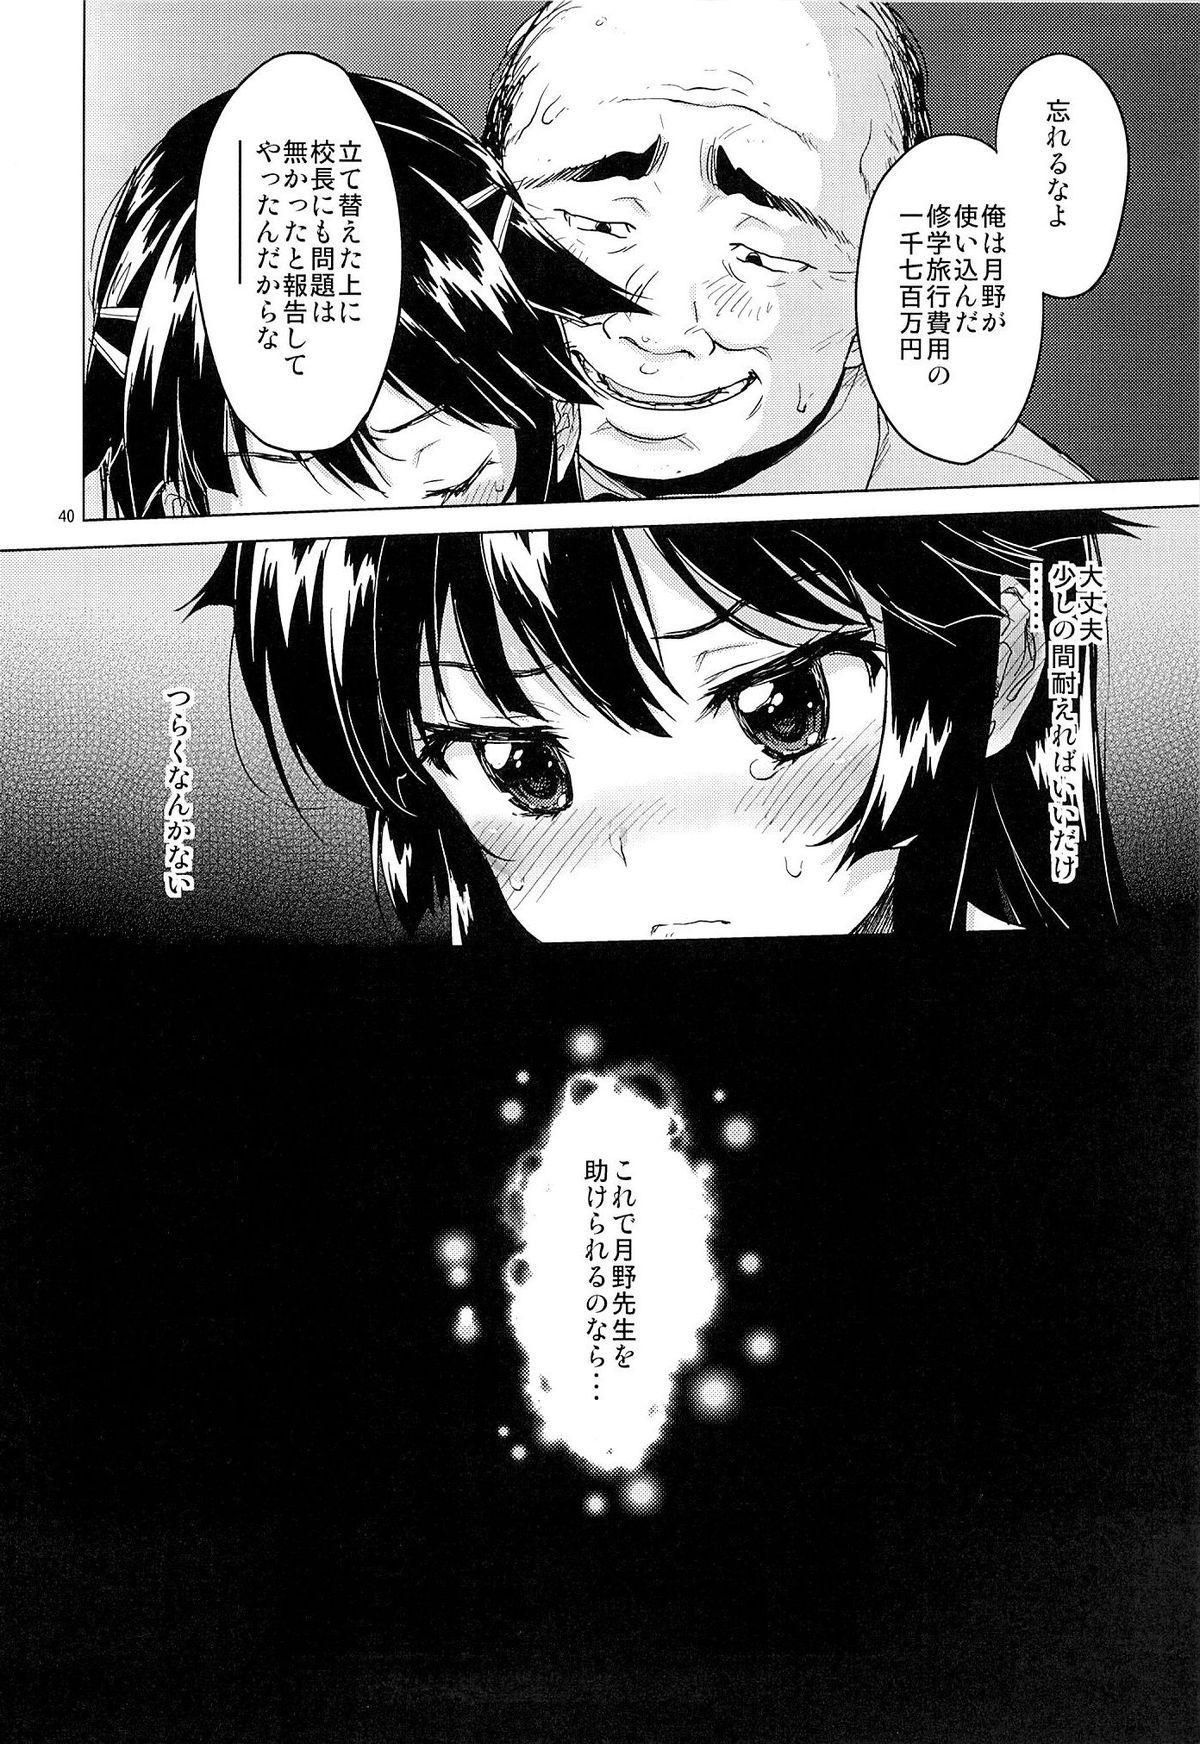 Chizuru-chan Kaihatsu Nikki 38